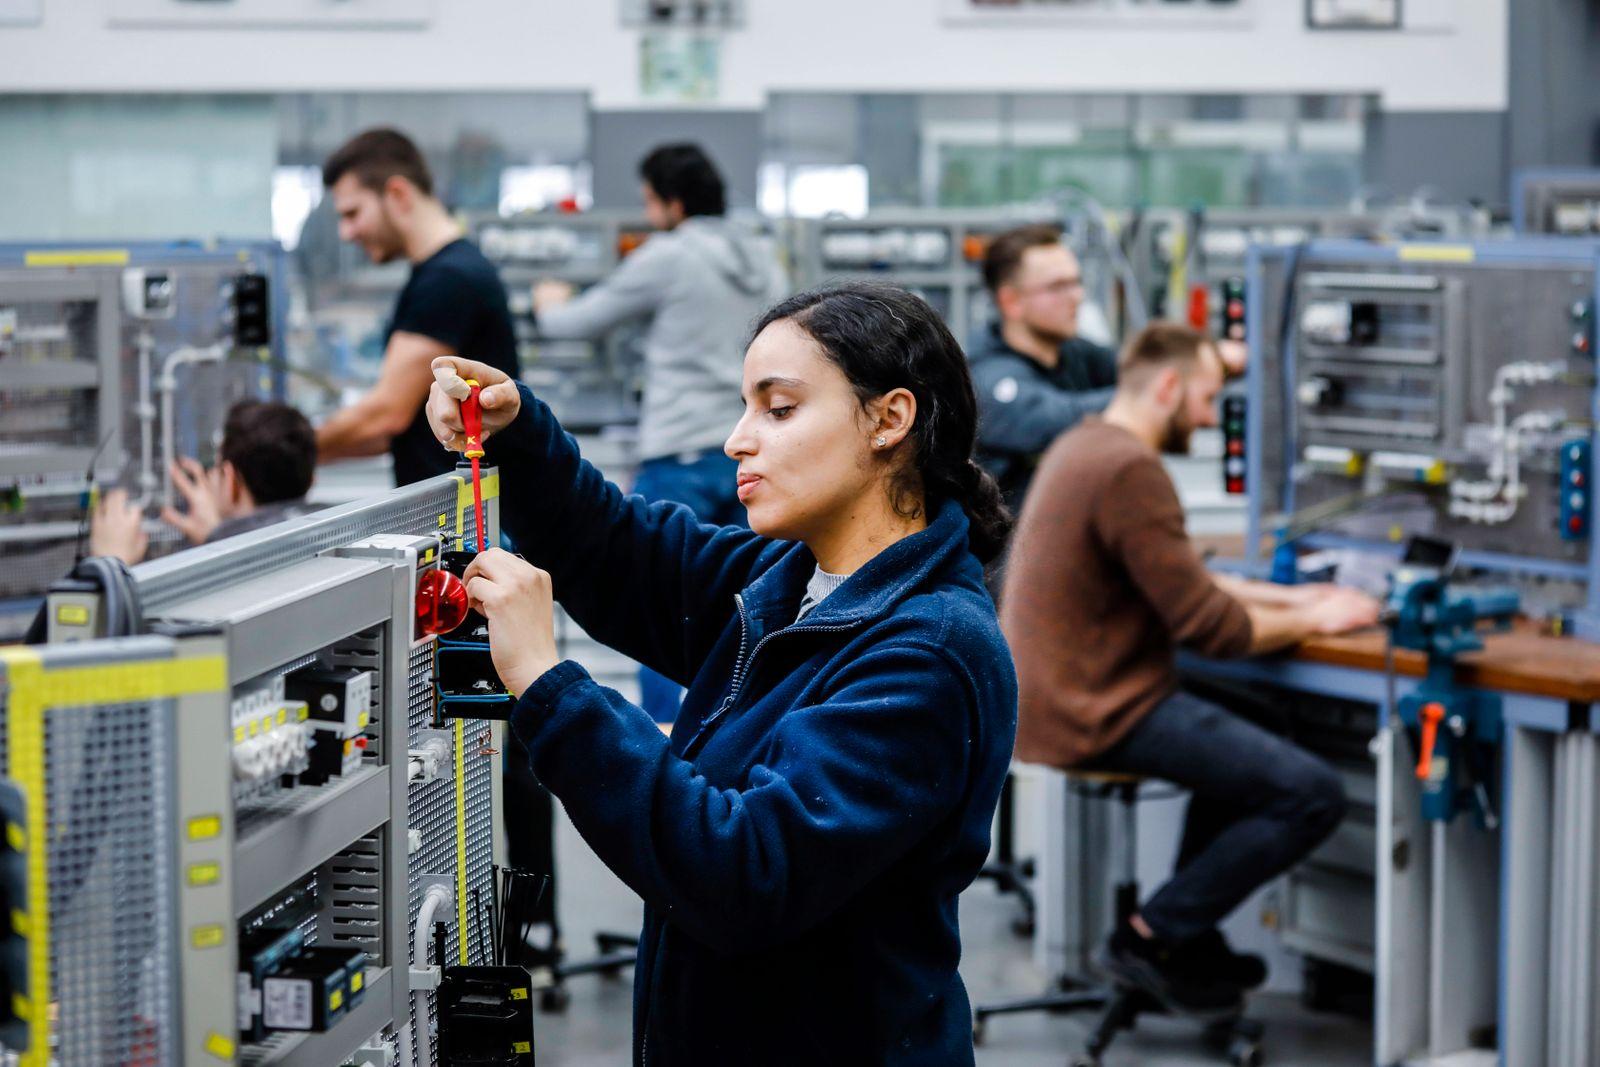 12.02.2020, Remscheid, Nordrhein-Westfalen, Deutschland - Auszubildende Frau in Elektroberufen, eine Industrieelektriker